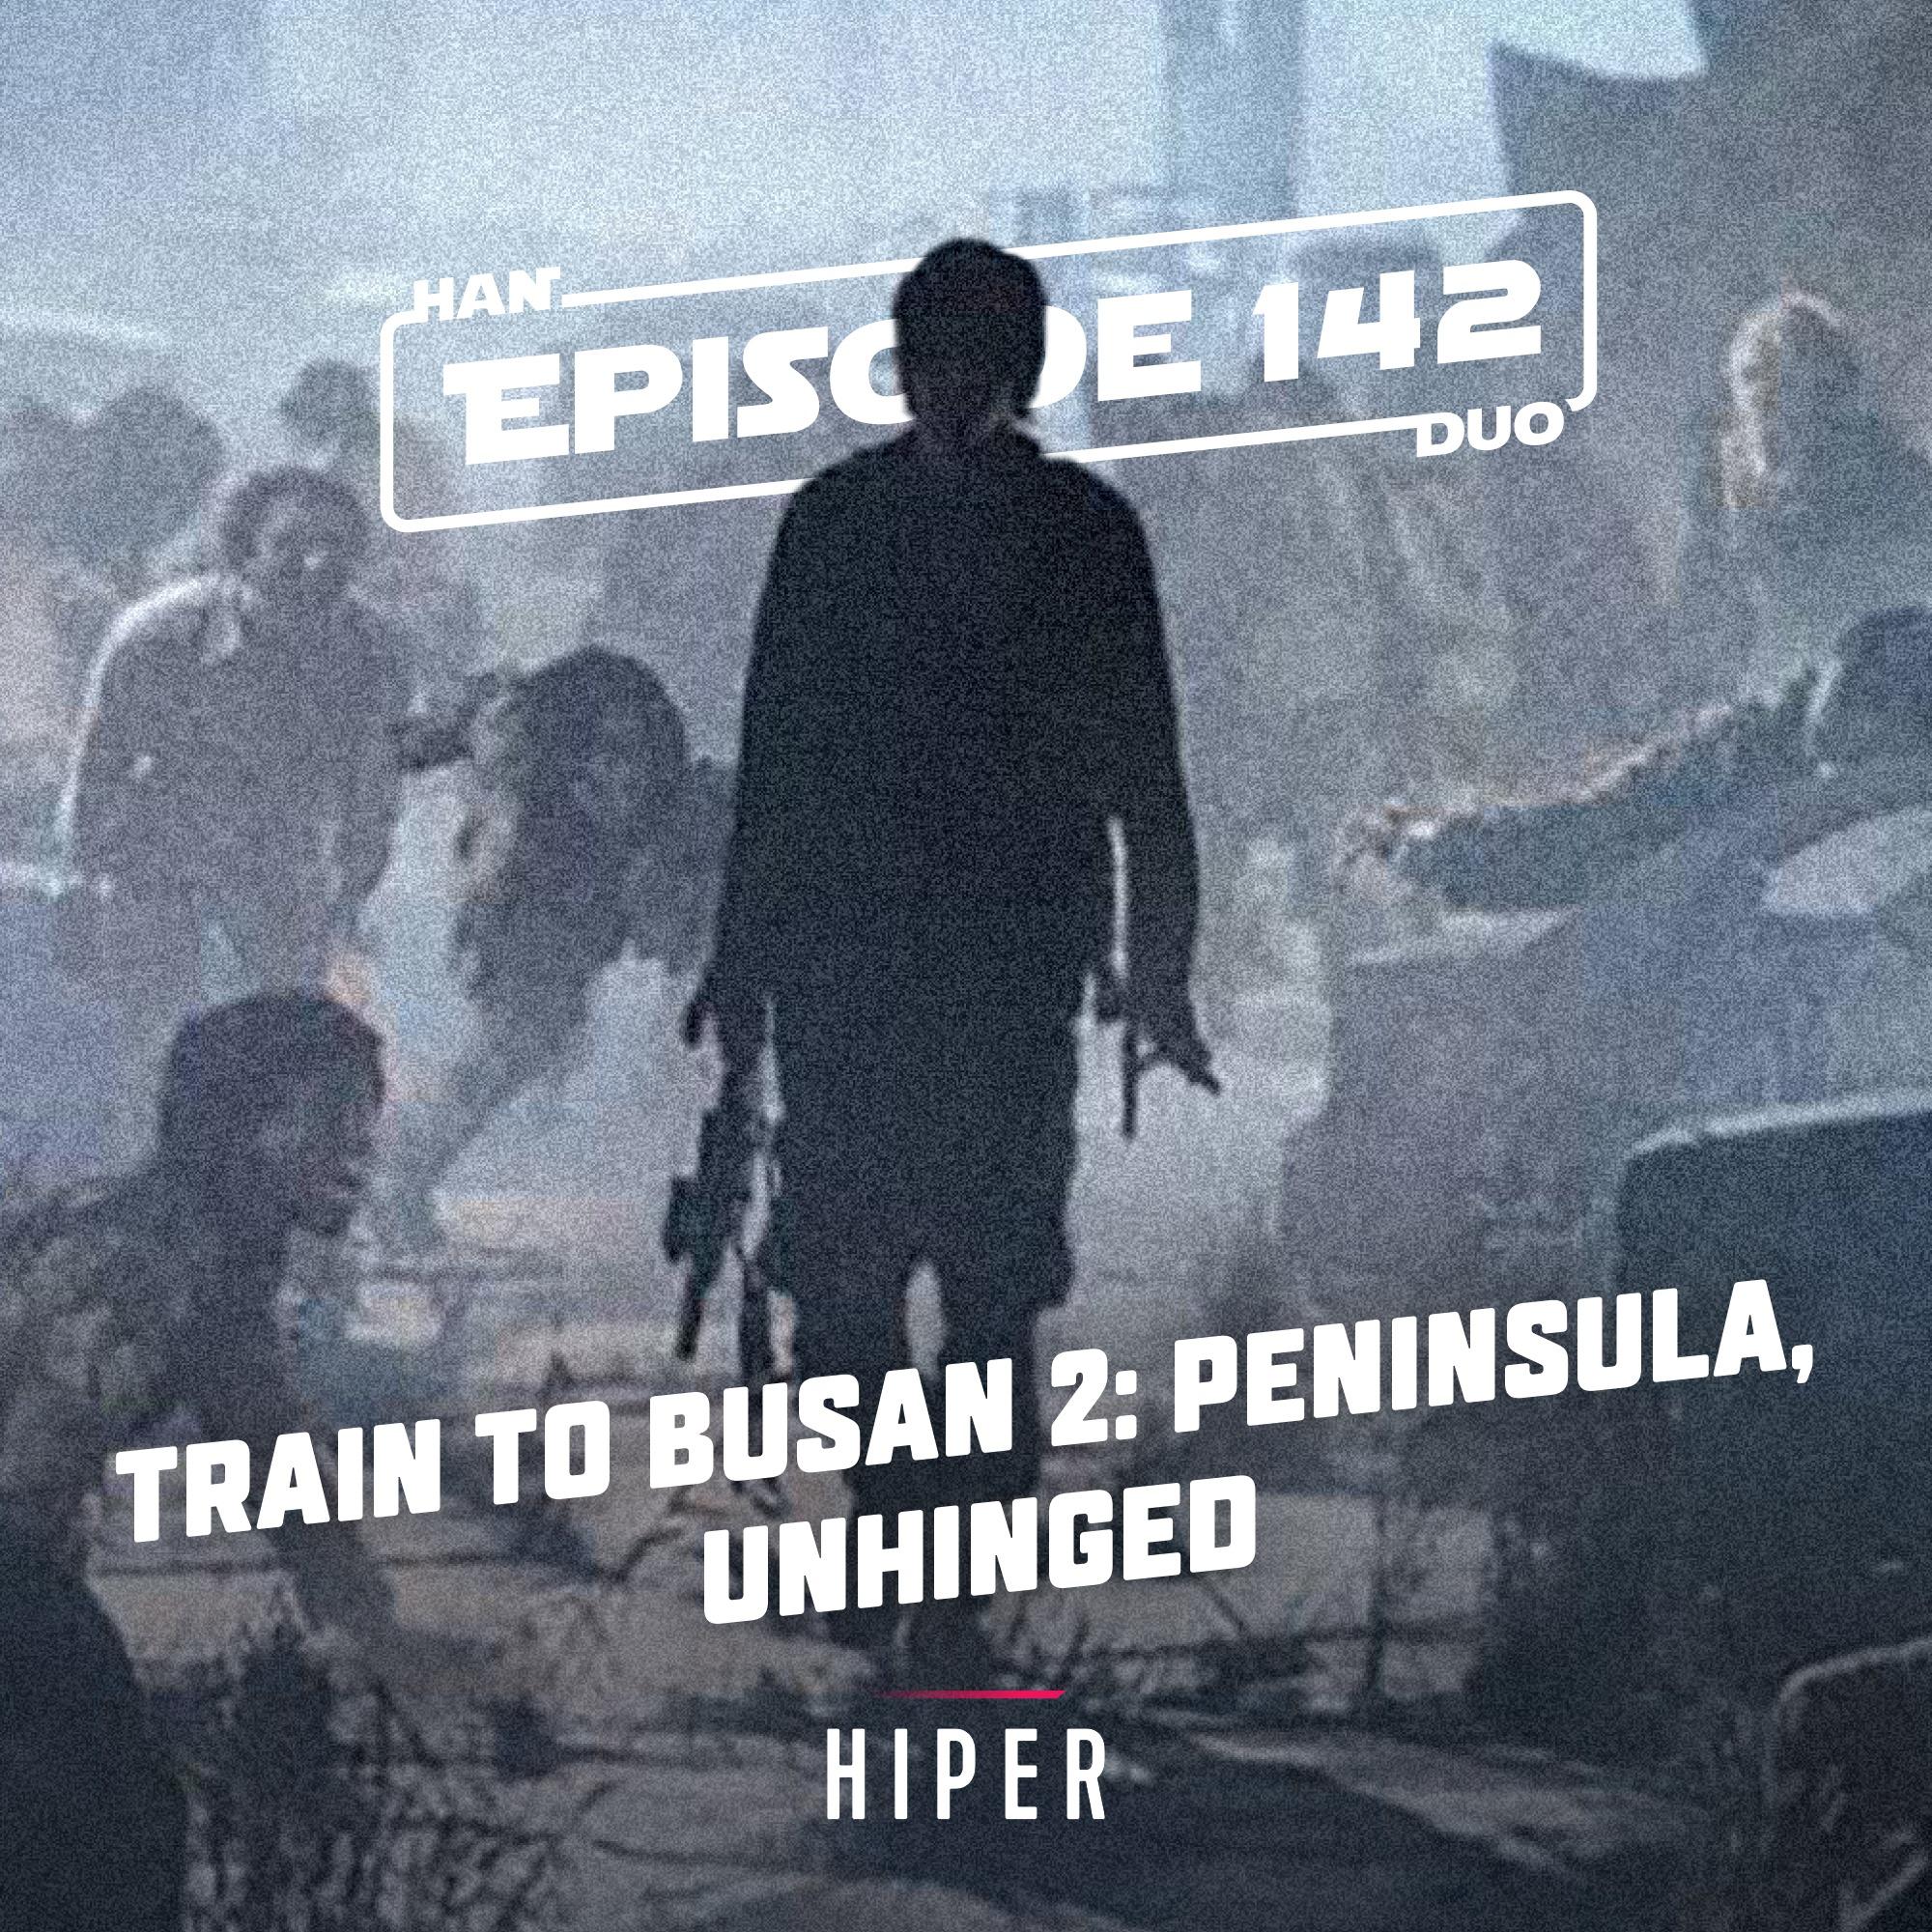 Han Duo #142: Train to Busan 2: Peninsula, Unhinged